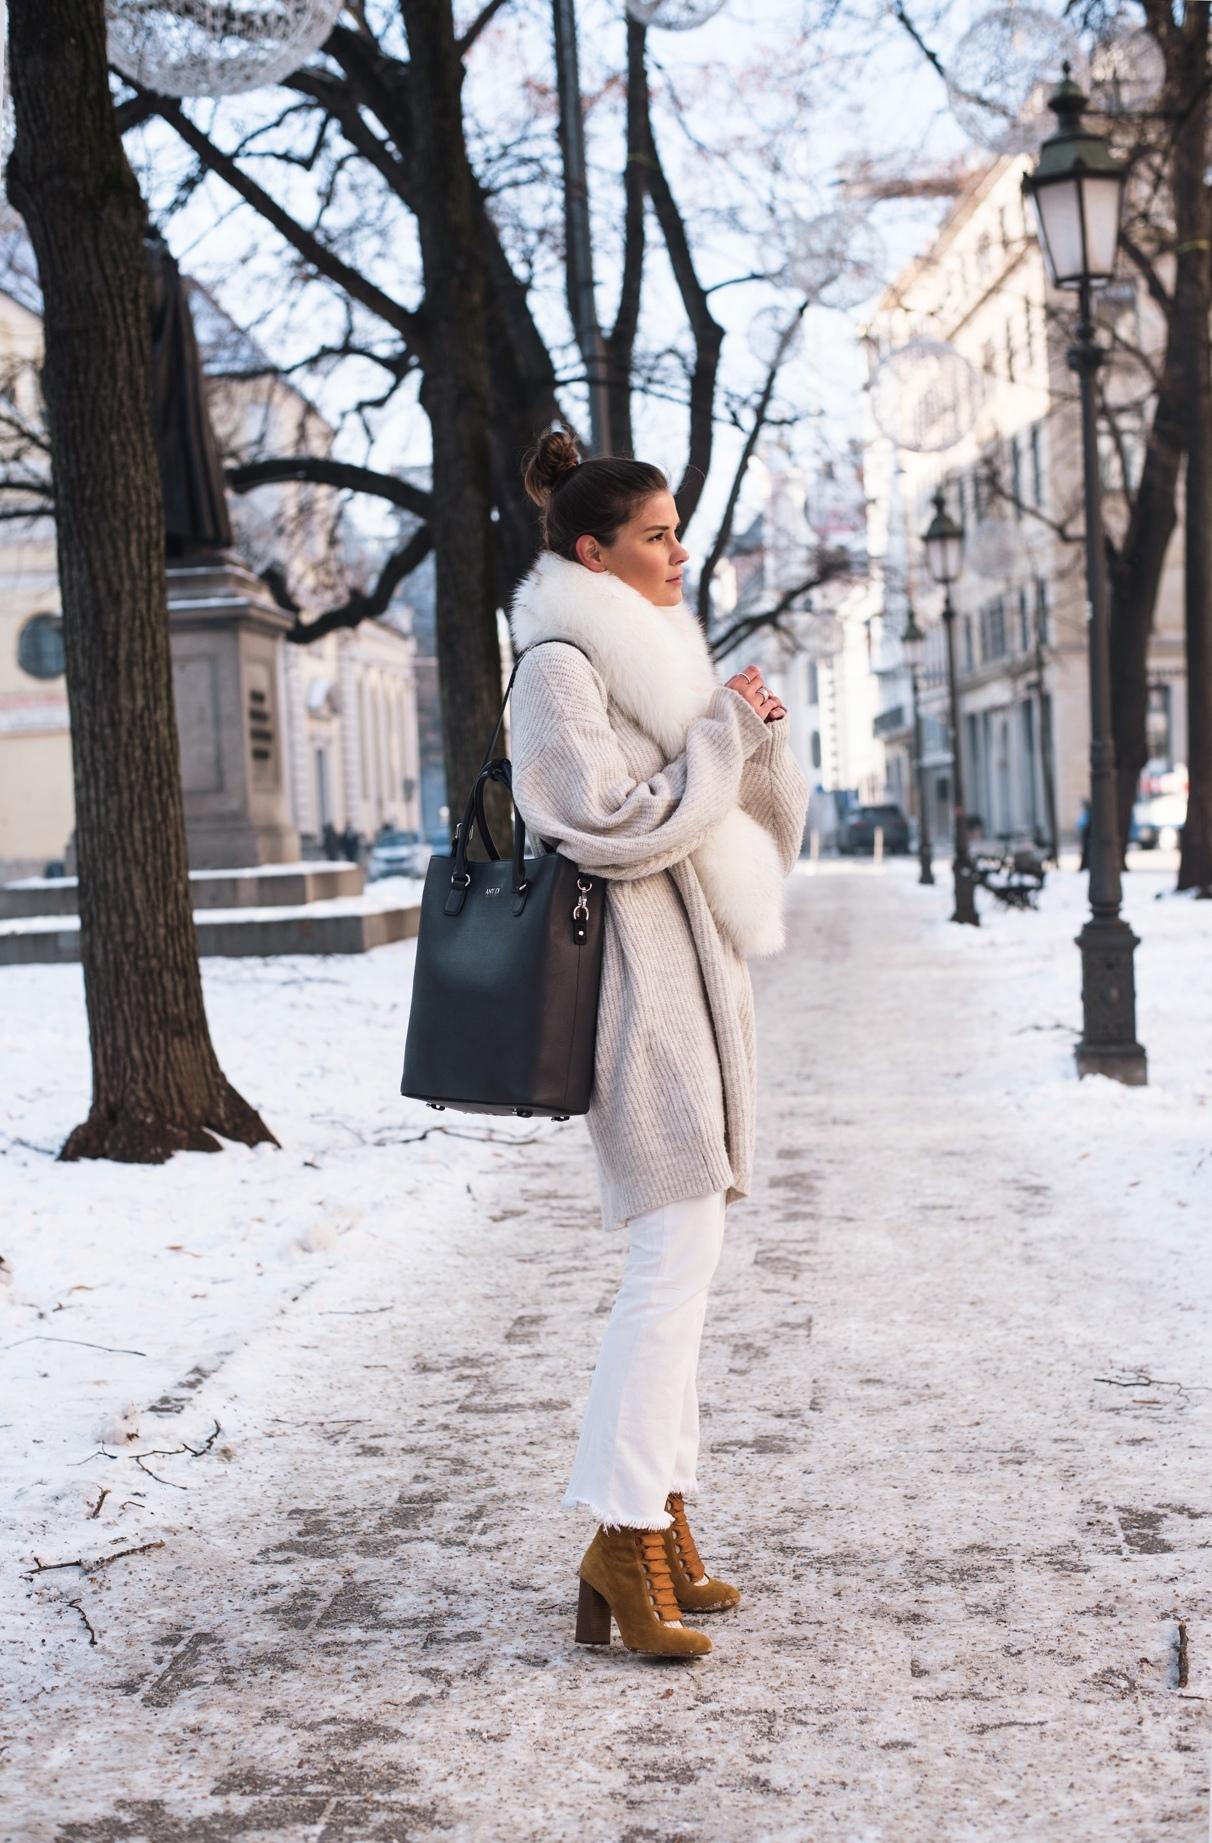 chloé-harper-boots-beige-suede-leather-wildleder-schnürstiefeletten-fashiioncarpet